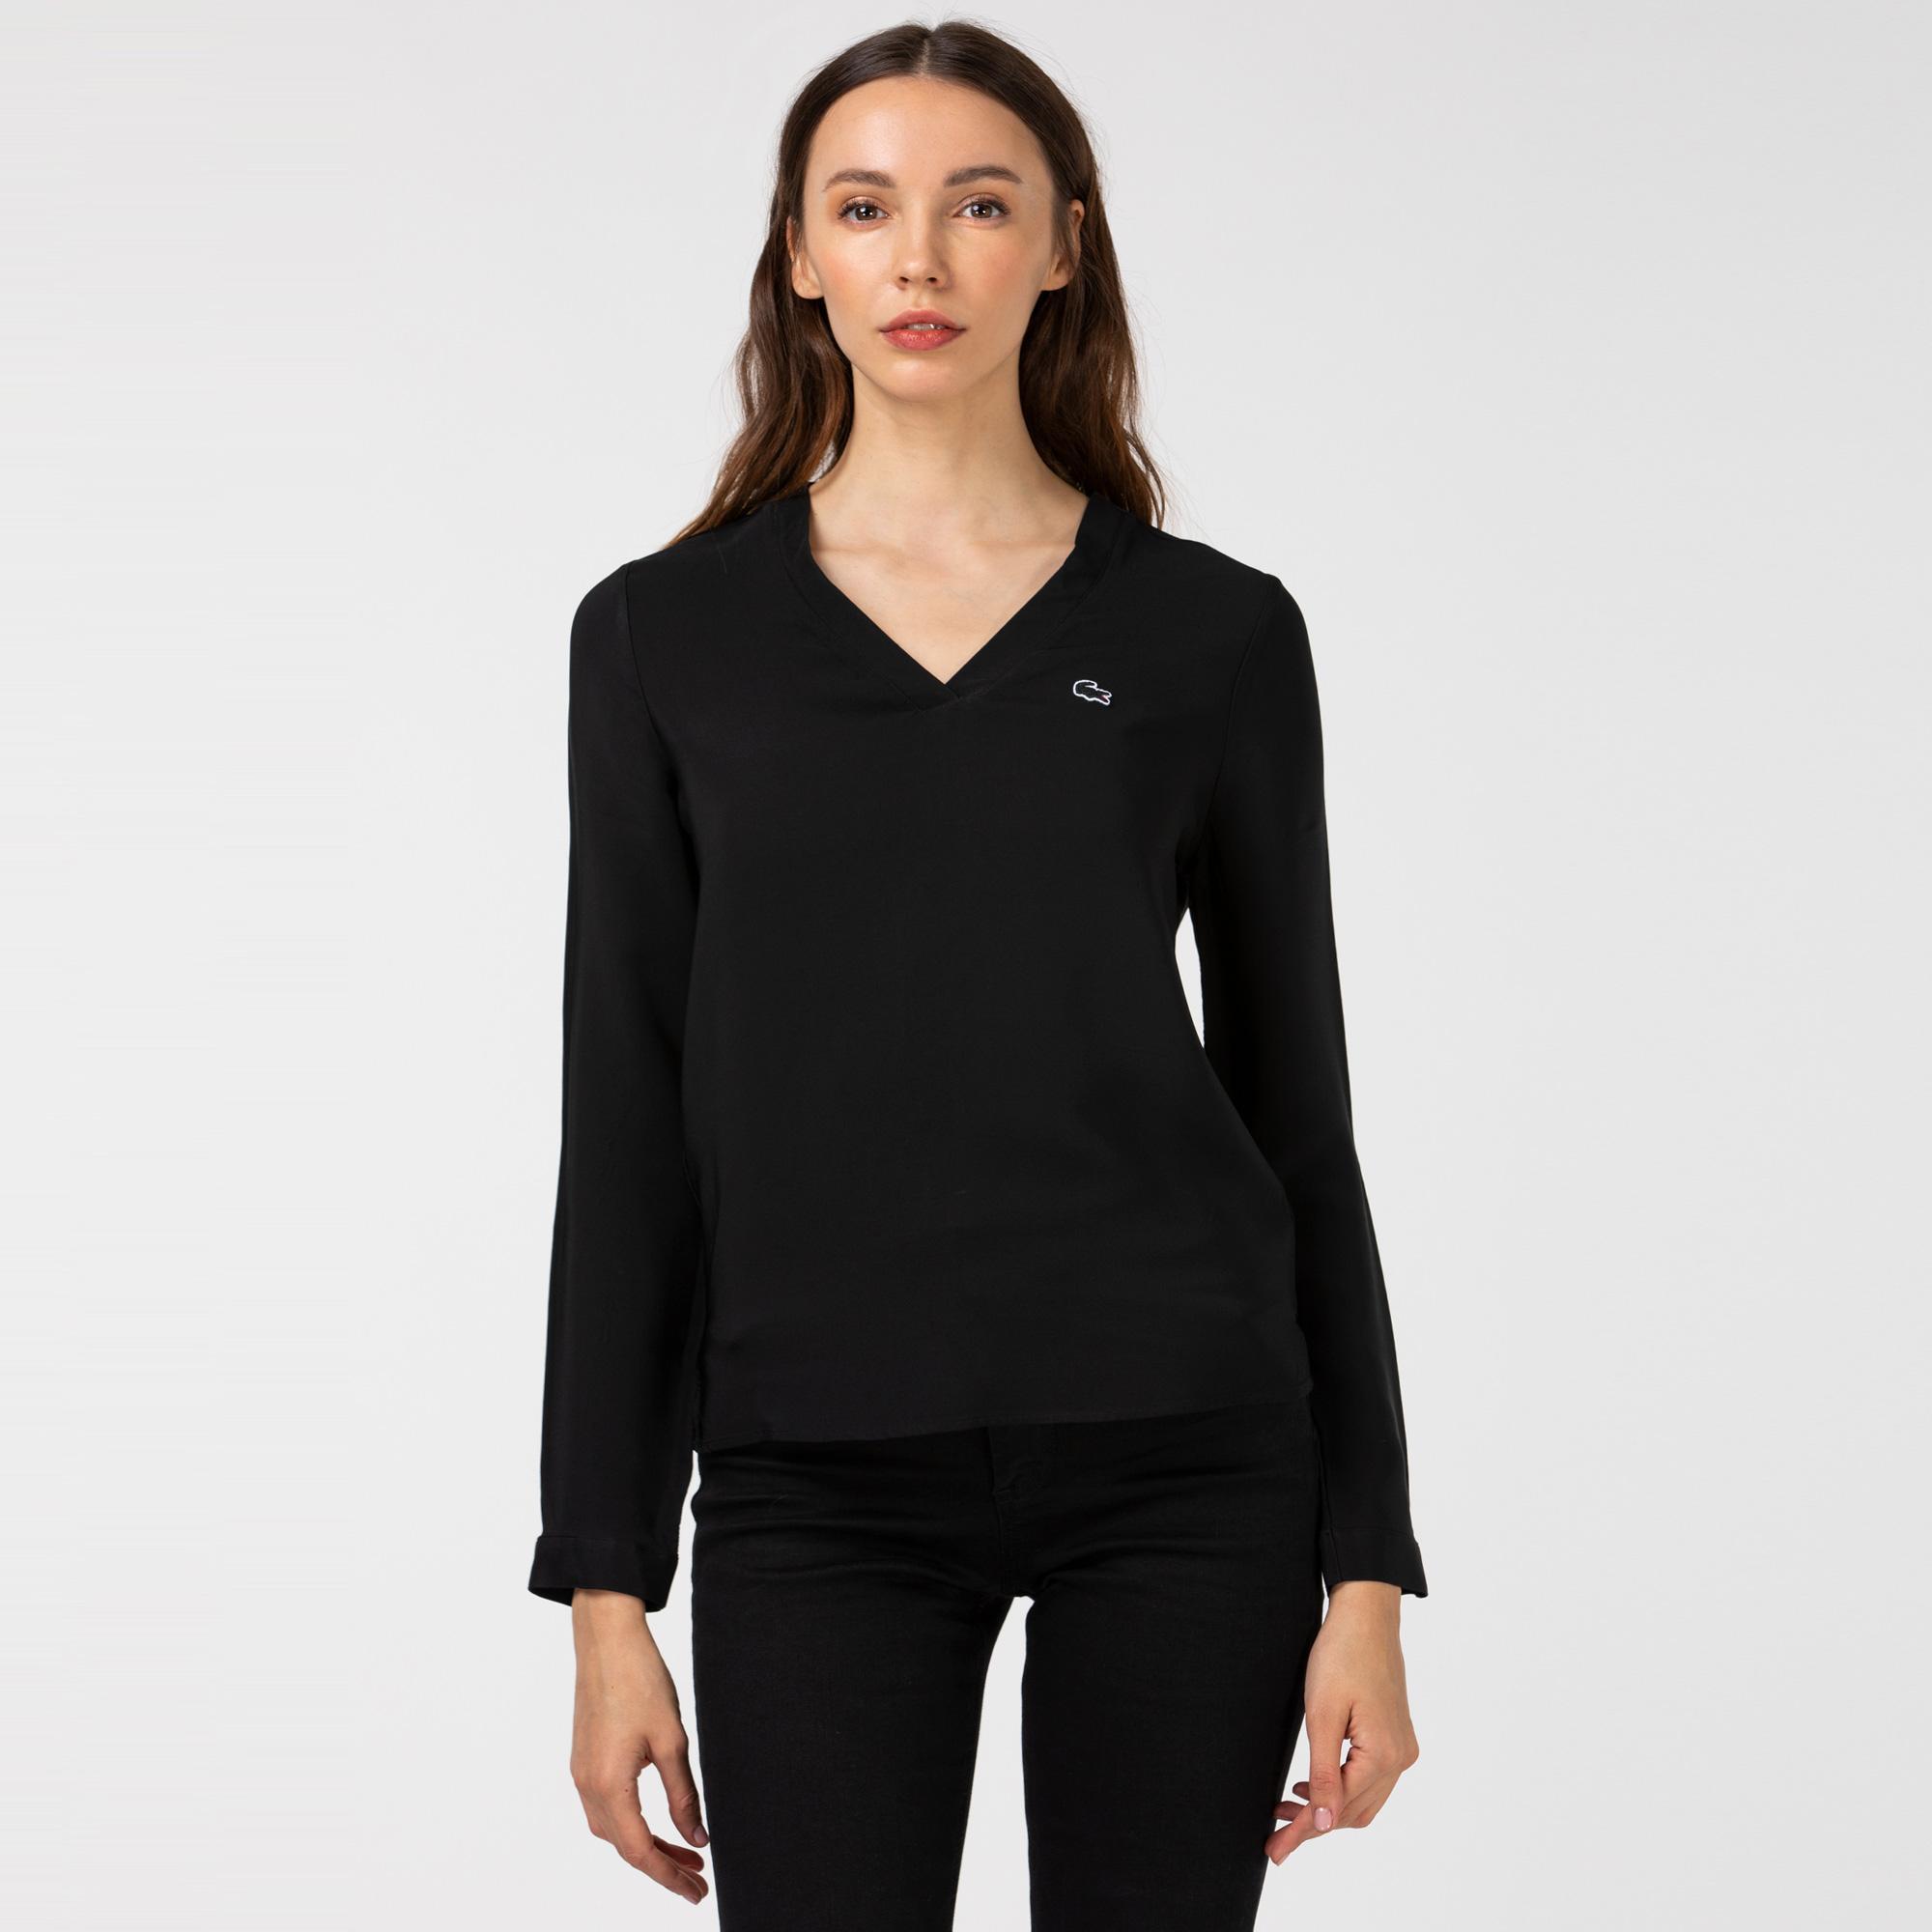 Lacoste Kadın V Yaka Uzun Kollu Siyah Bluz